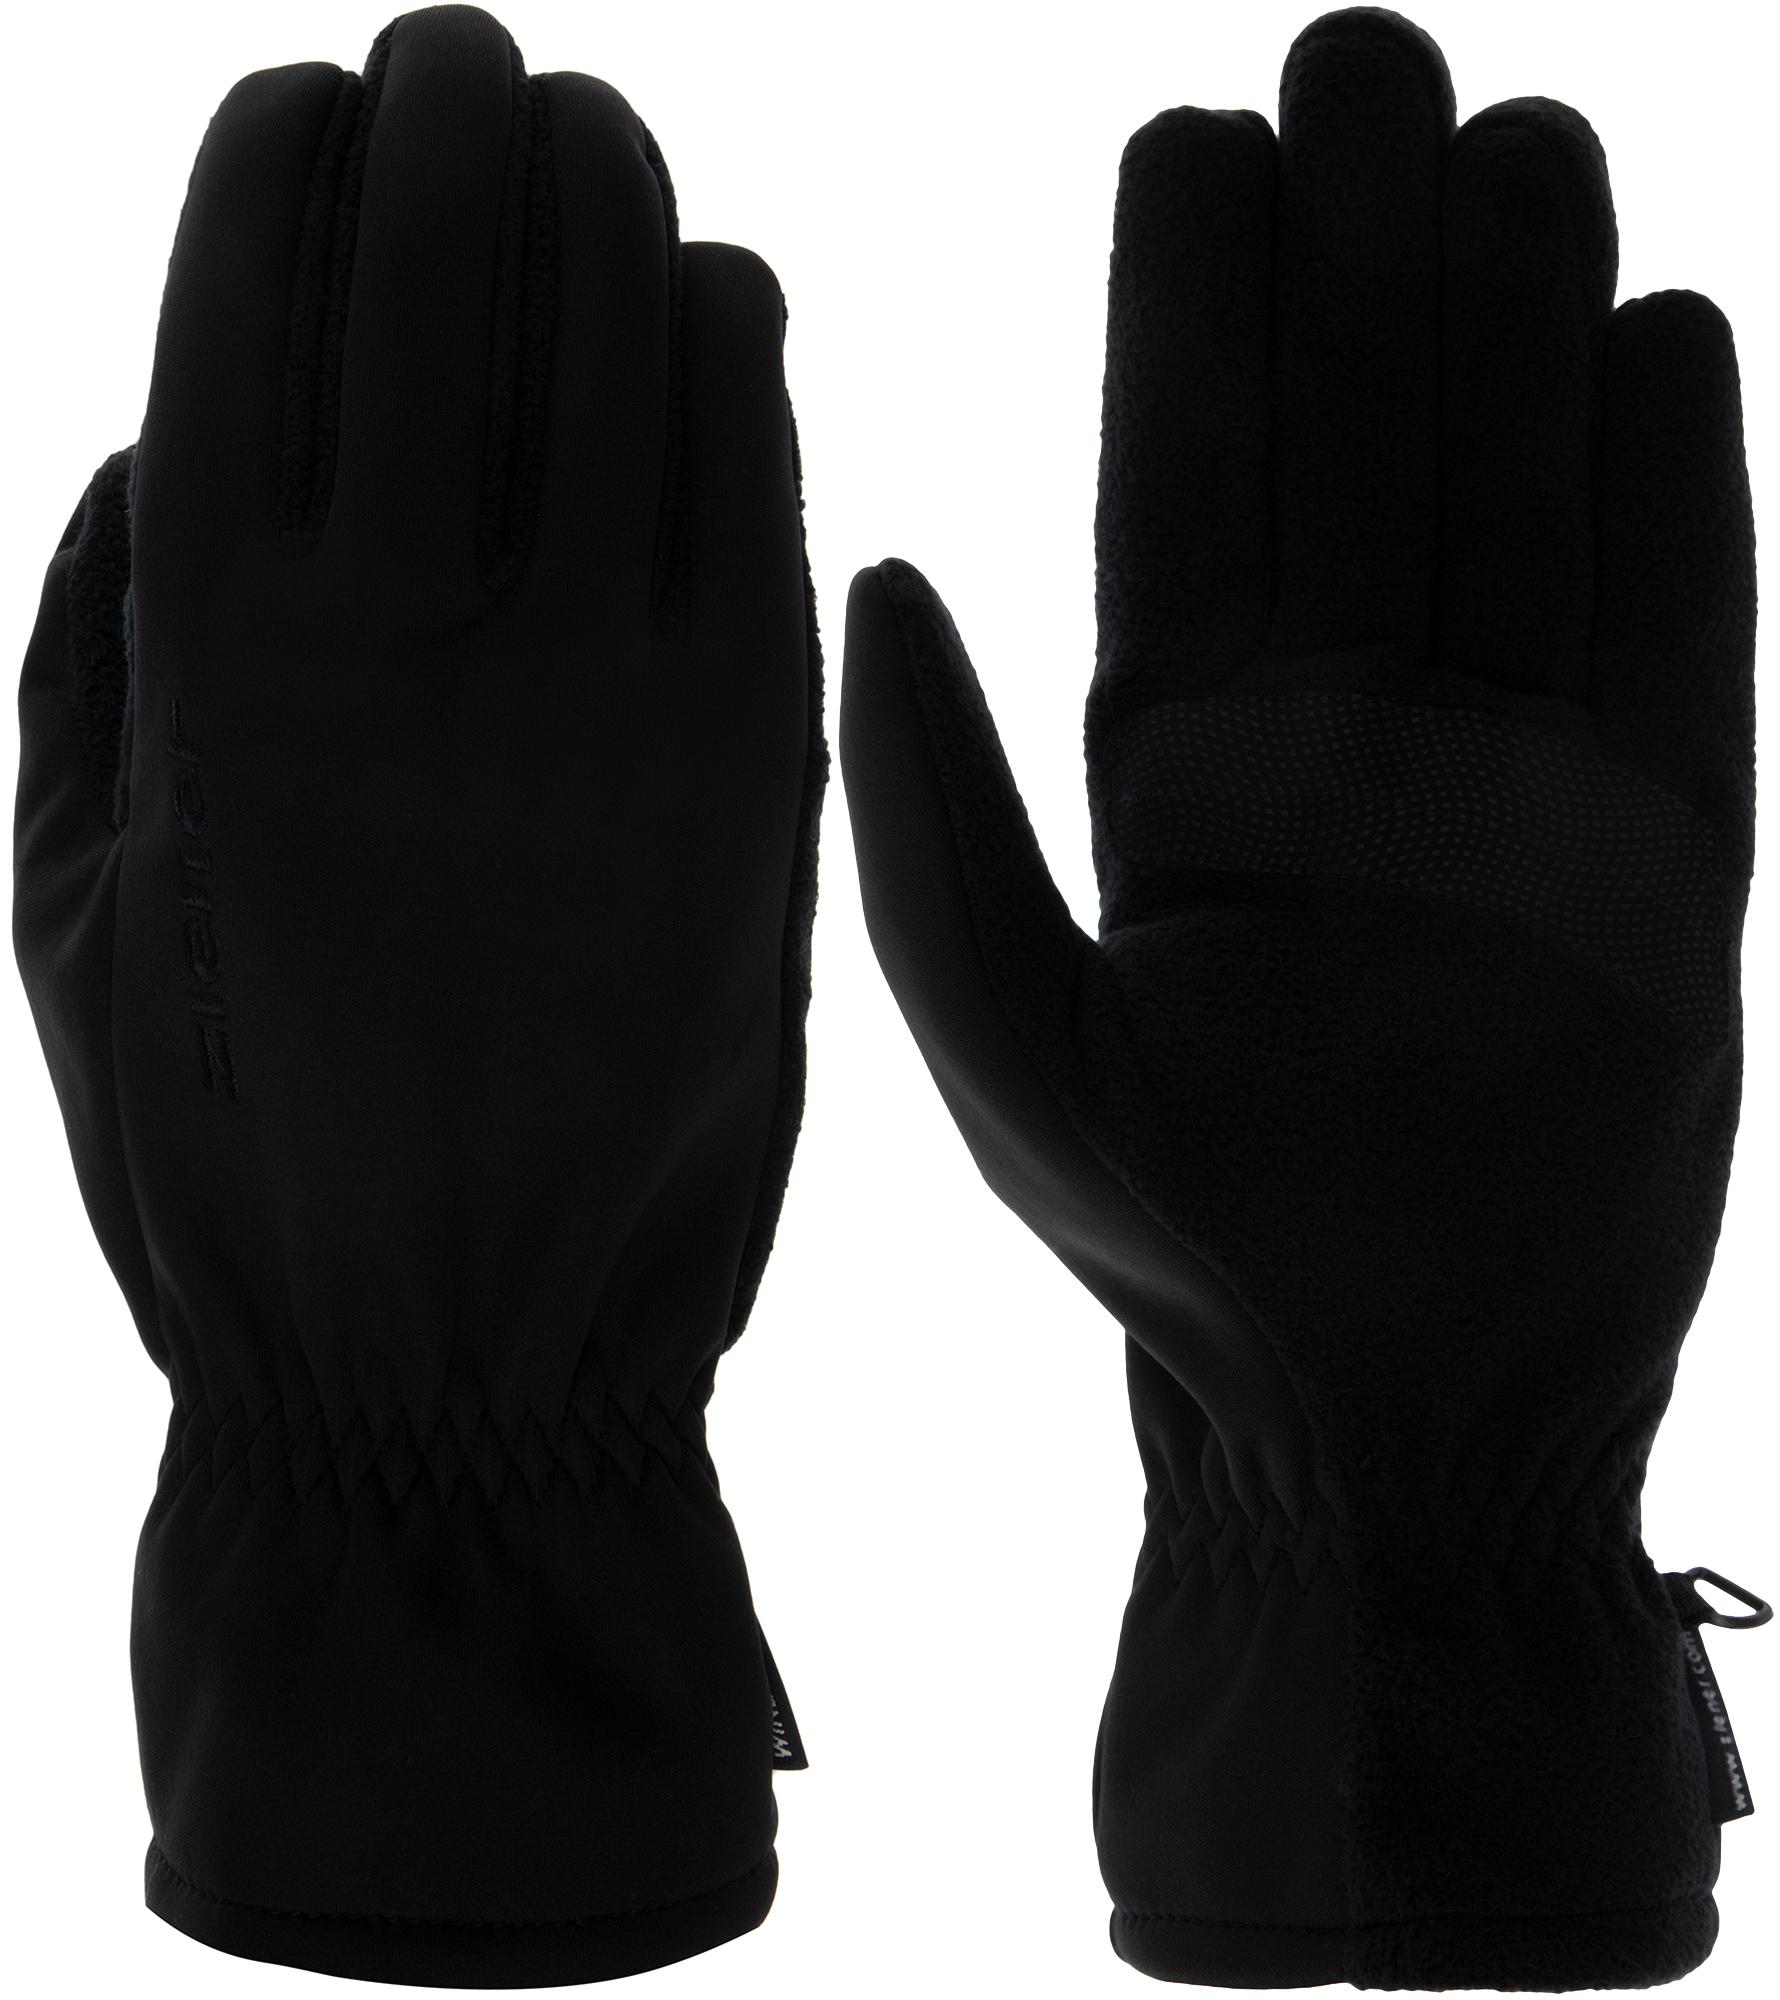 Ziener Перчатки Ziener, размер 9